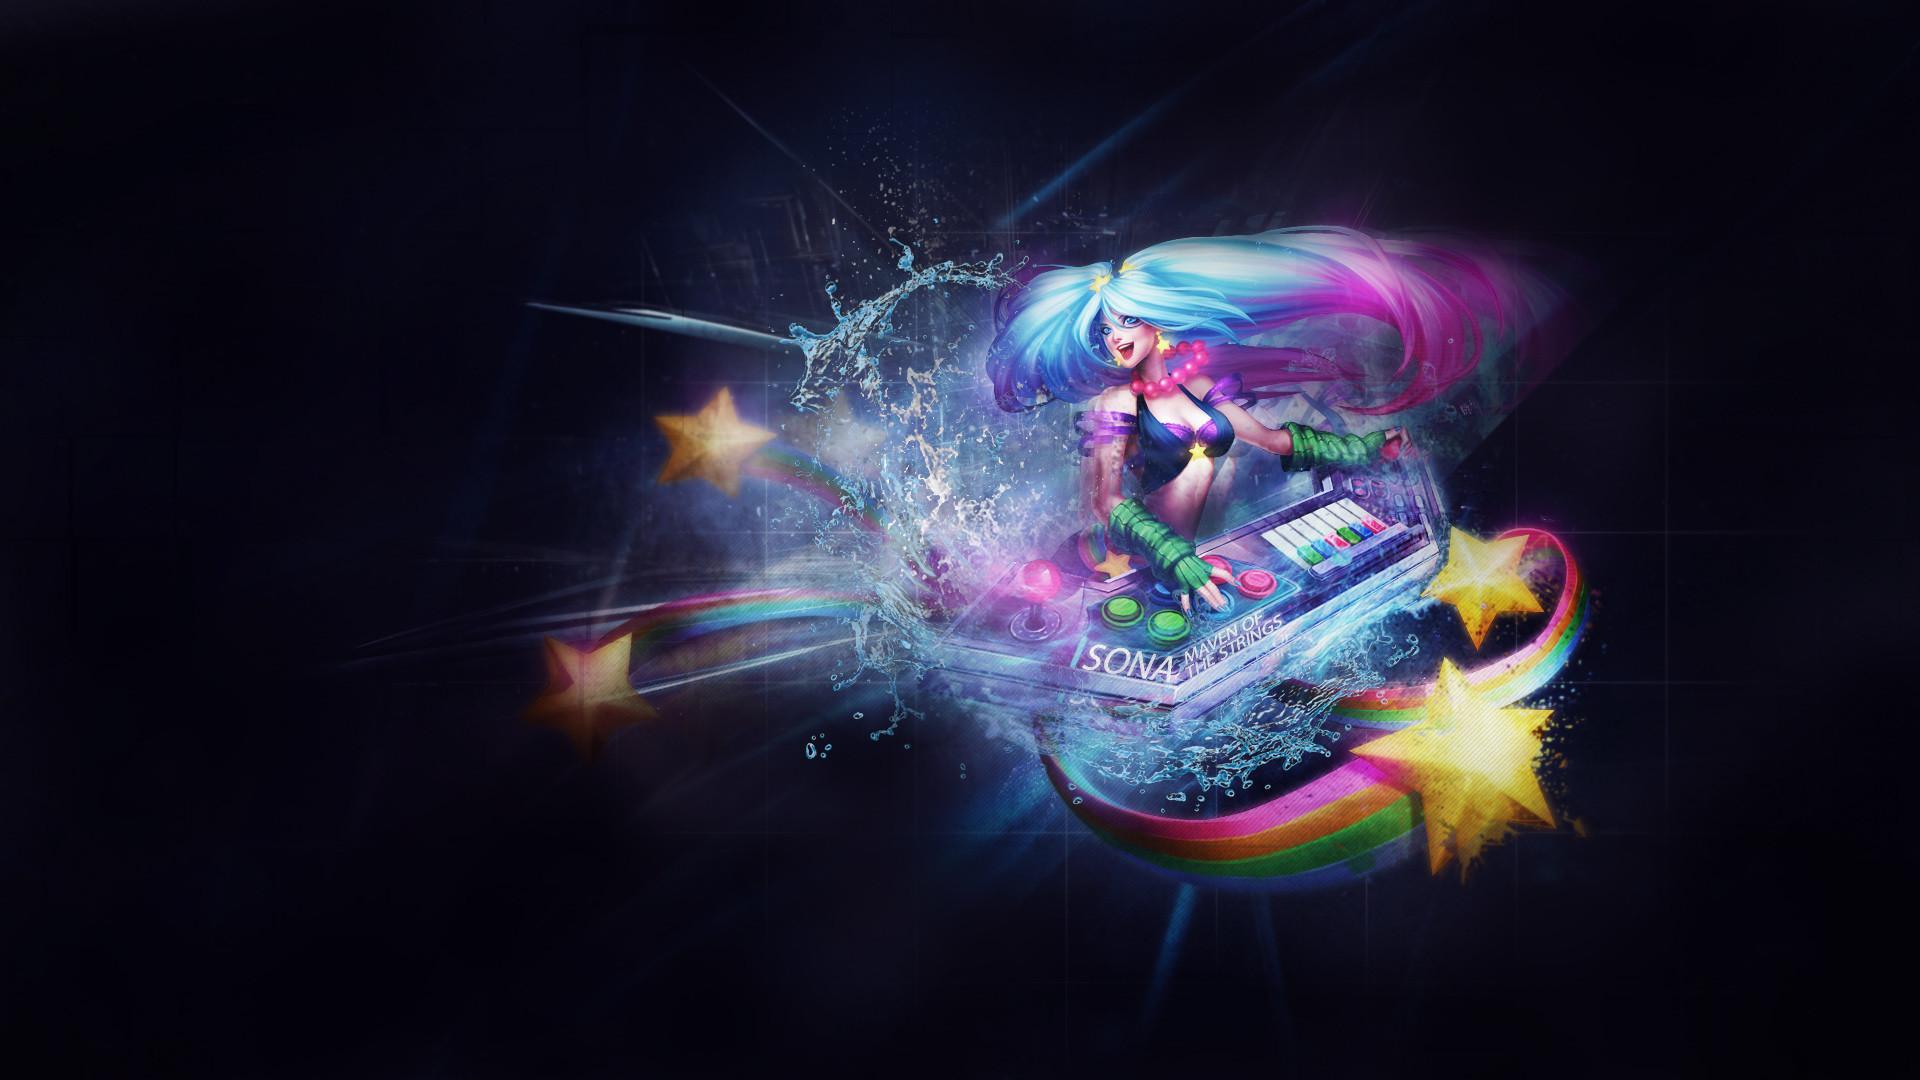 Arcade Sona by ChenWei91 HD Wallpaper Fan Art Artwork League of Legends lol